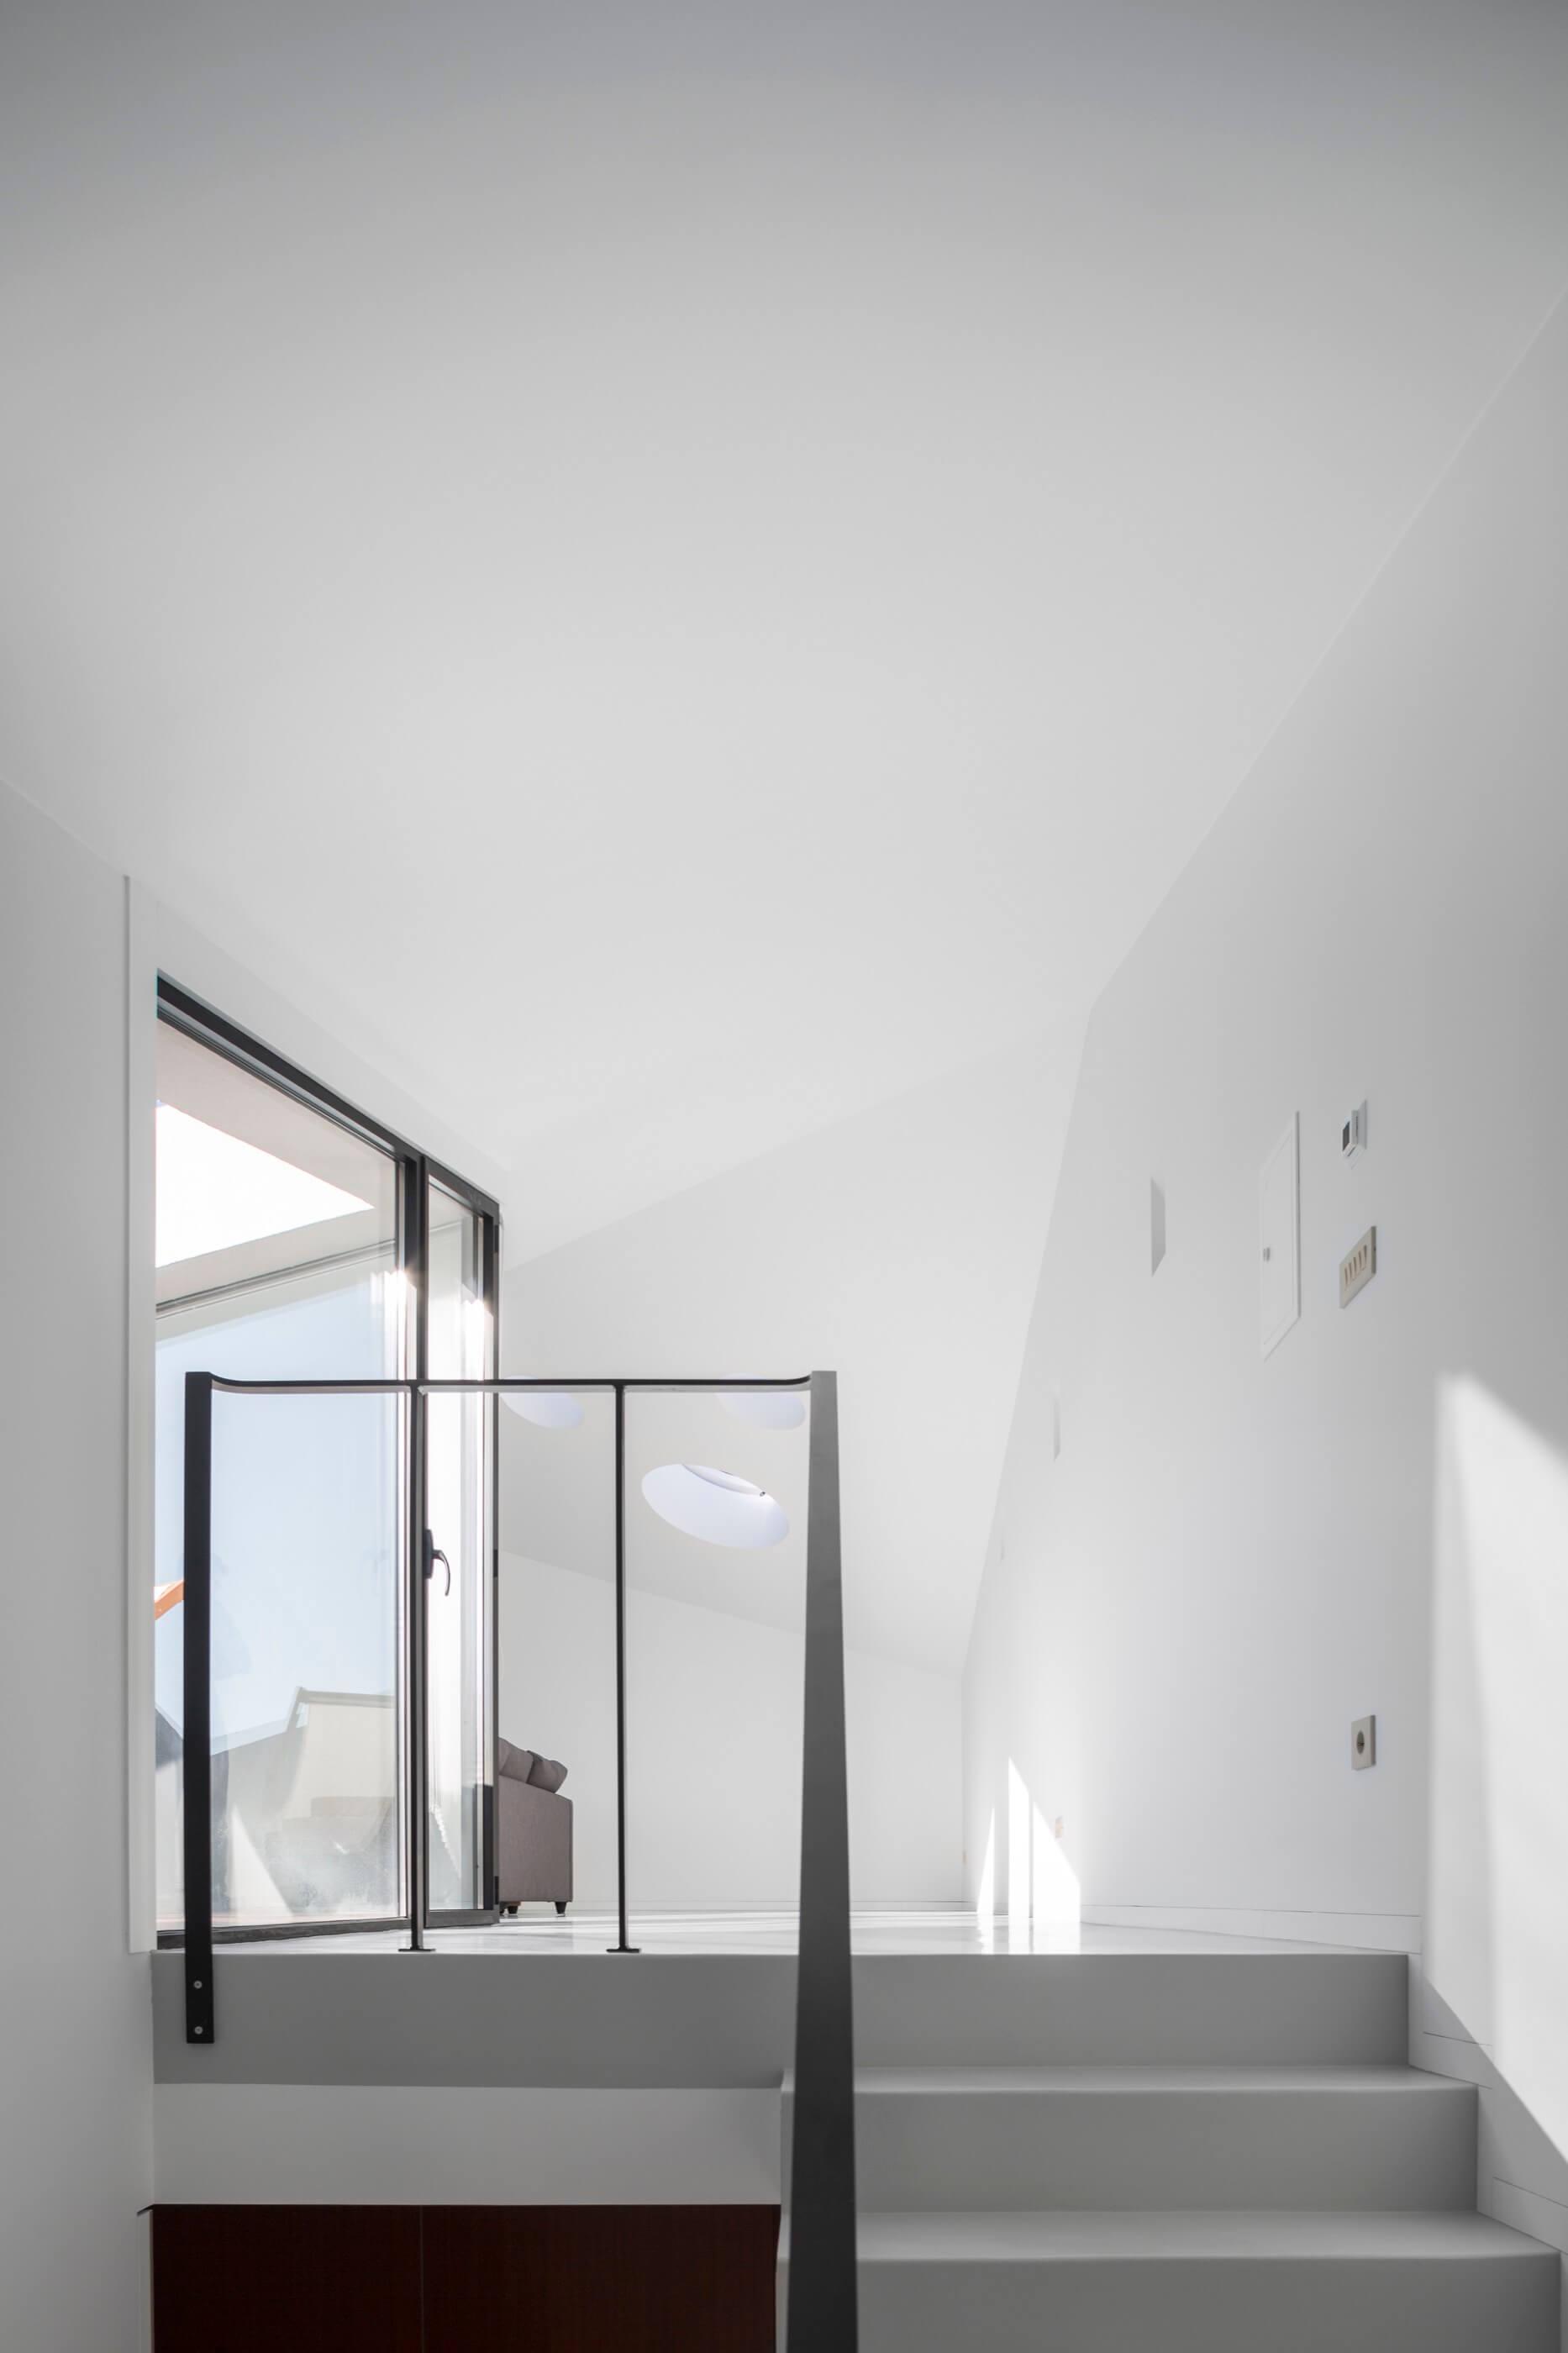 Arquitecto Lousinha Casa Fontes 28 do fotografo Ivo Tavares Studio